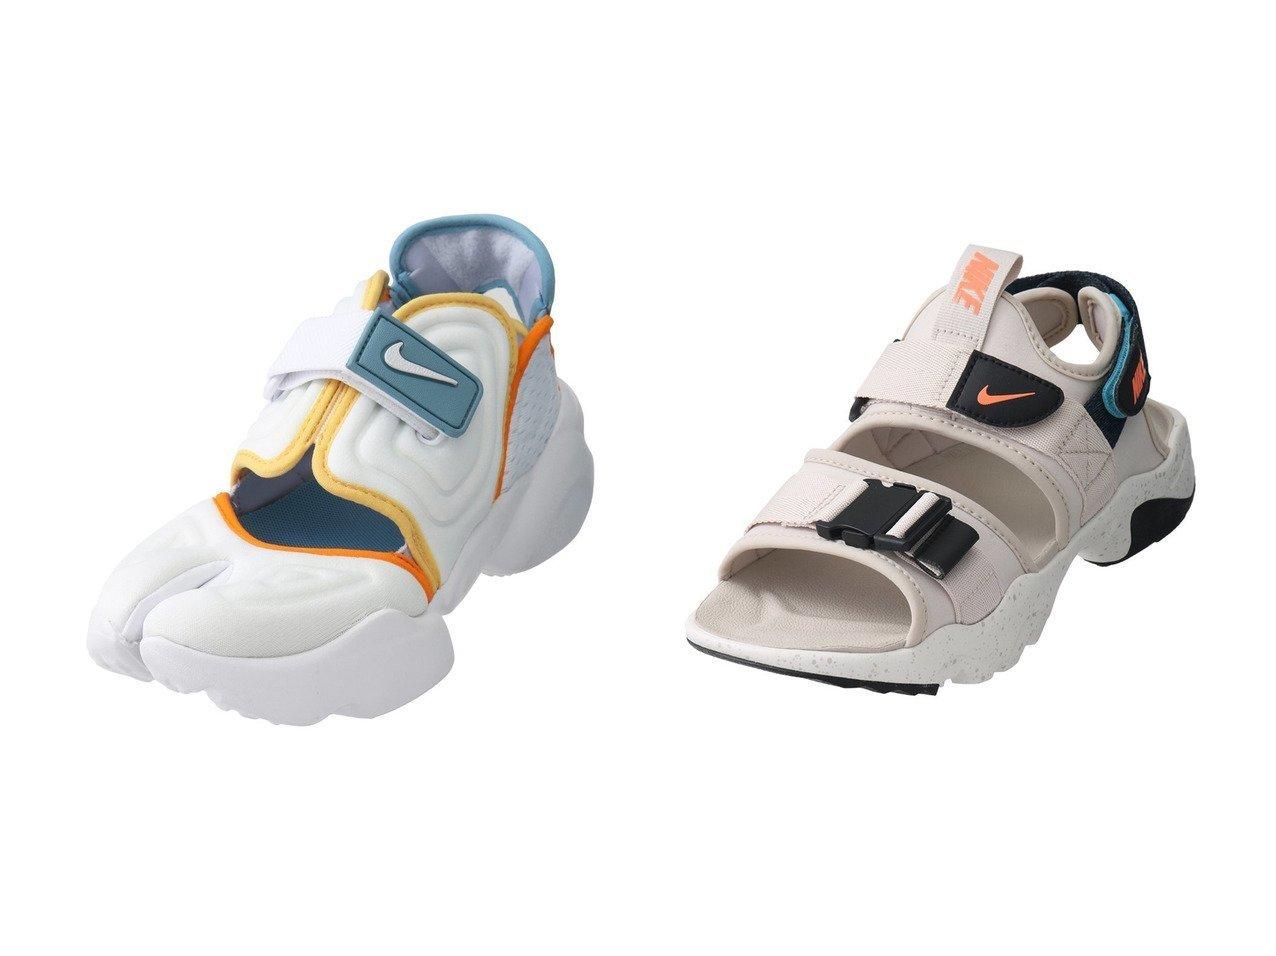 【ROSE BUD/ローズバッド】の【NIKE】ナイキ キャニオン サンダル&【NIKE】ナイキ アクア リフト 【シューズ・靴】おすすめ!人気、トレンド・レディースファッションの通販 おすすめで人気の流行・トレンド、ファッションの通販商品 インテリア・家具・メンズファッション・キッズファッション・レディースファッション・服の通販 founy(ファニー) https://founy.com/ ファッション Fashion レディースファッション WOMEN アウトドア オレンジ サンダル フィット フォーム ラップ |ID:crp329100000051241